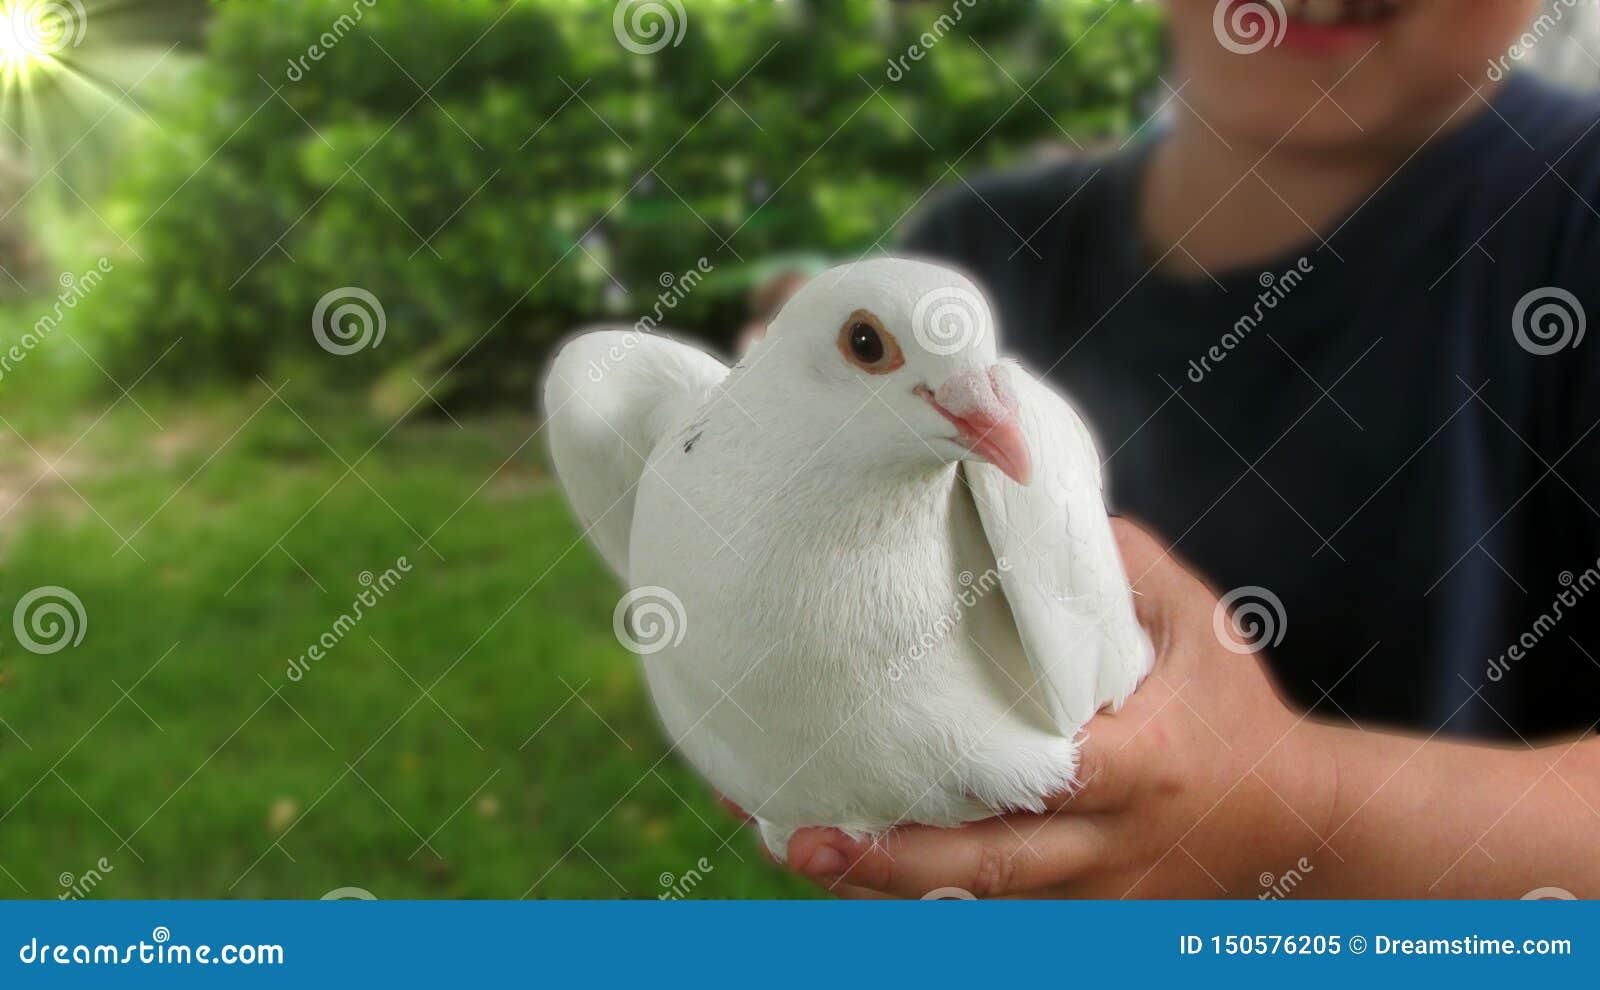 Eine schöne weiße Taube, die in den Händen des Kindes sitzt